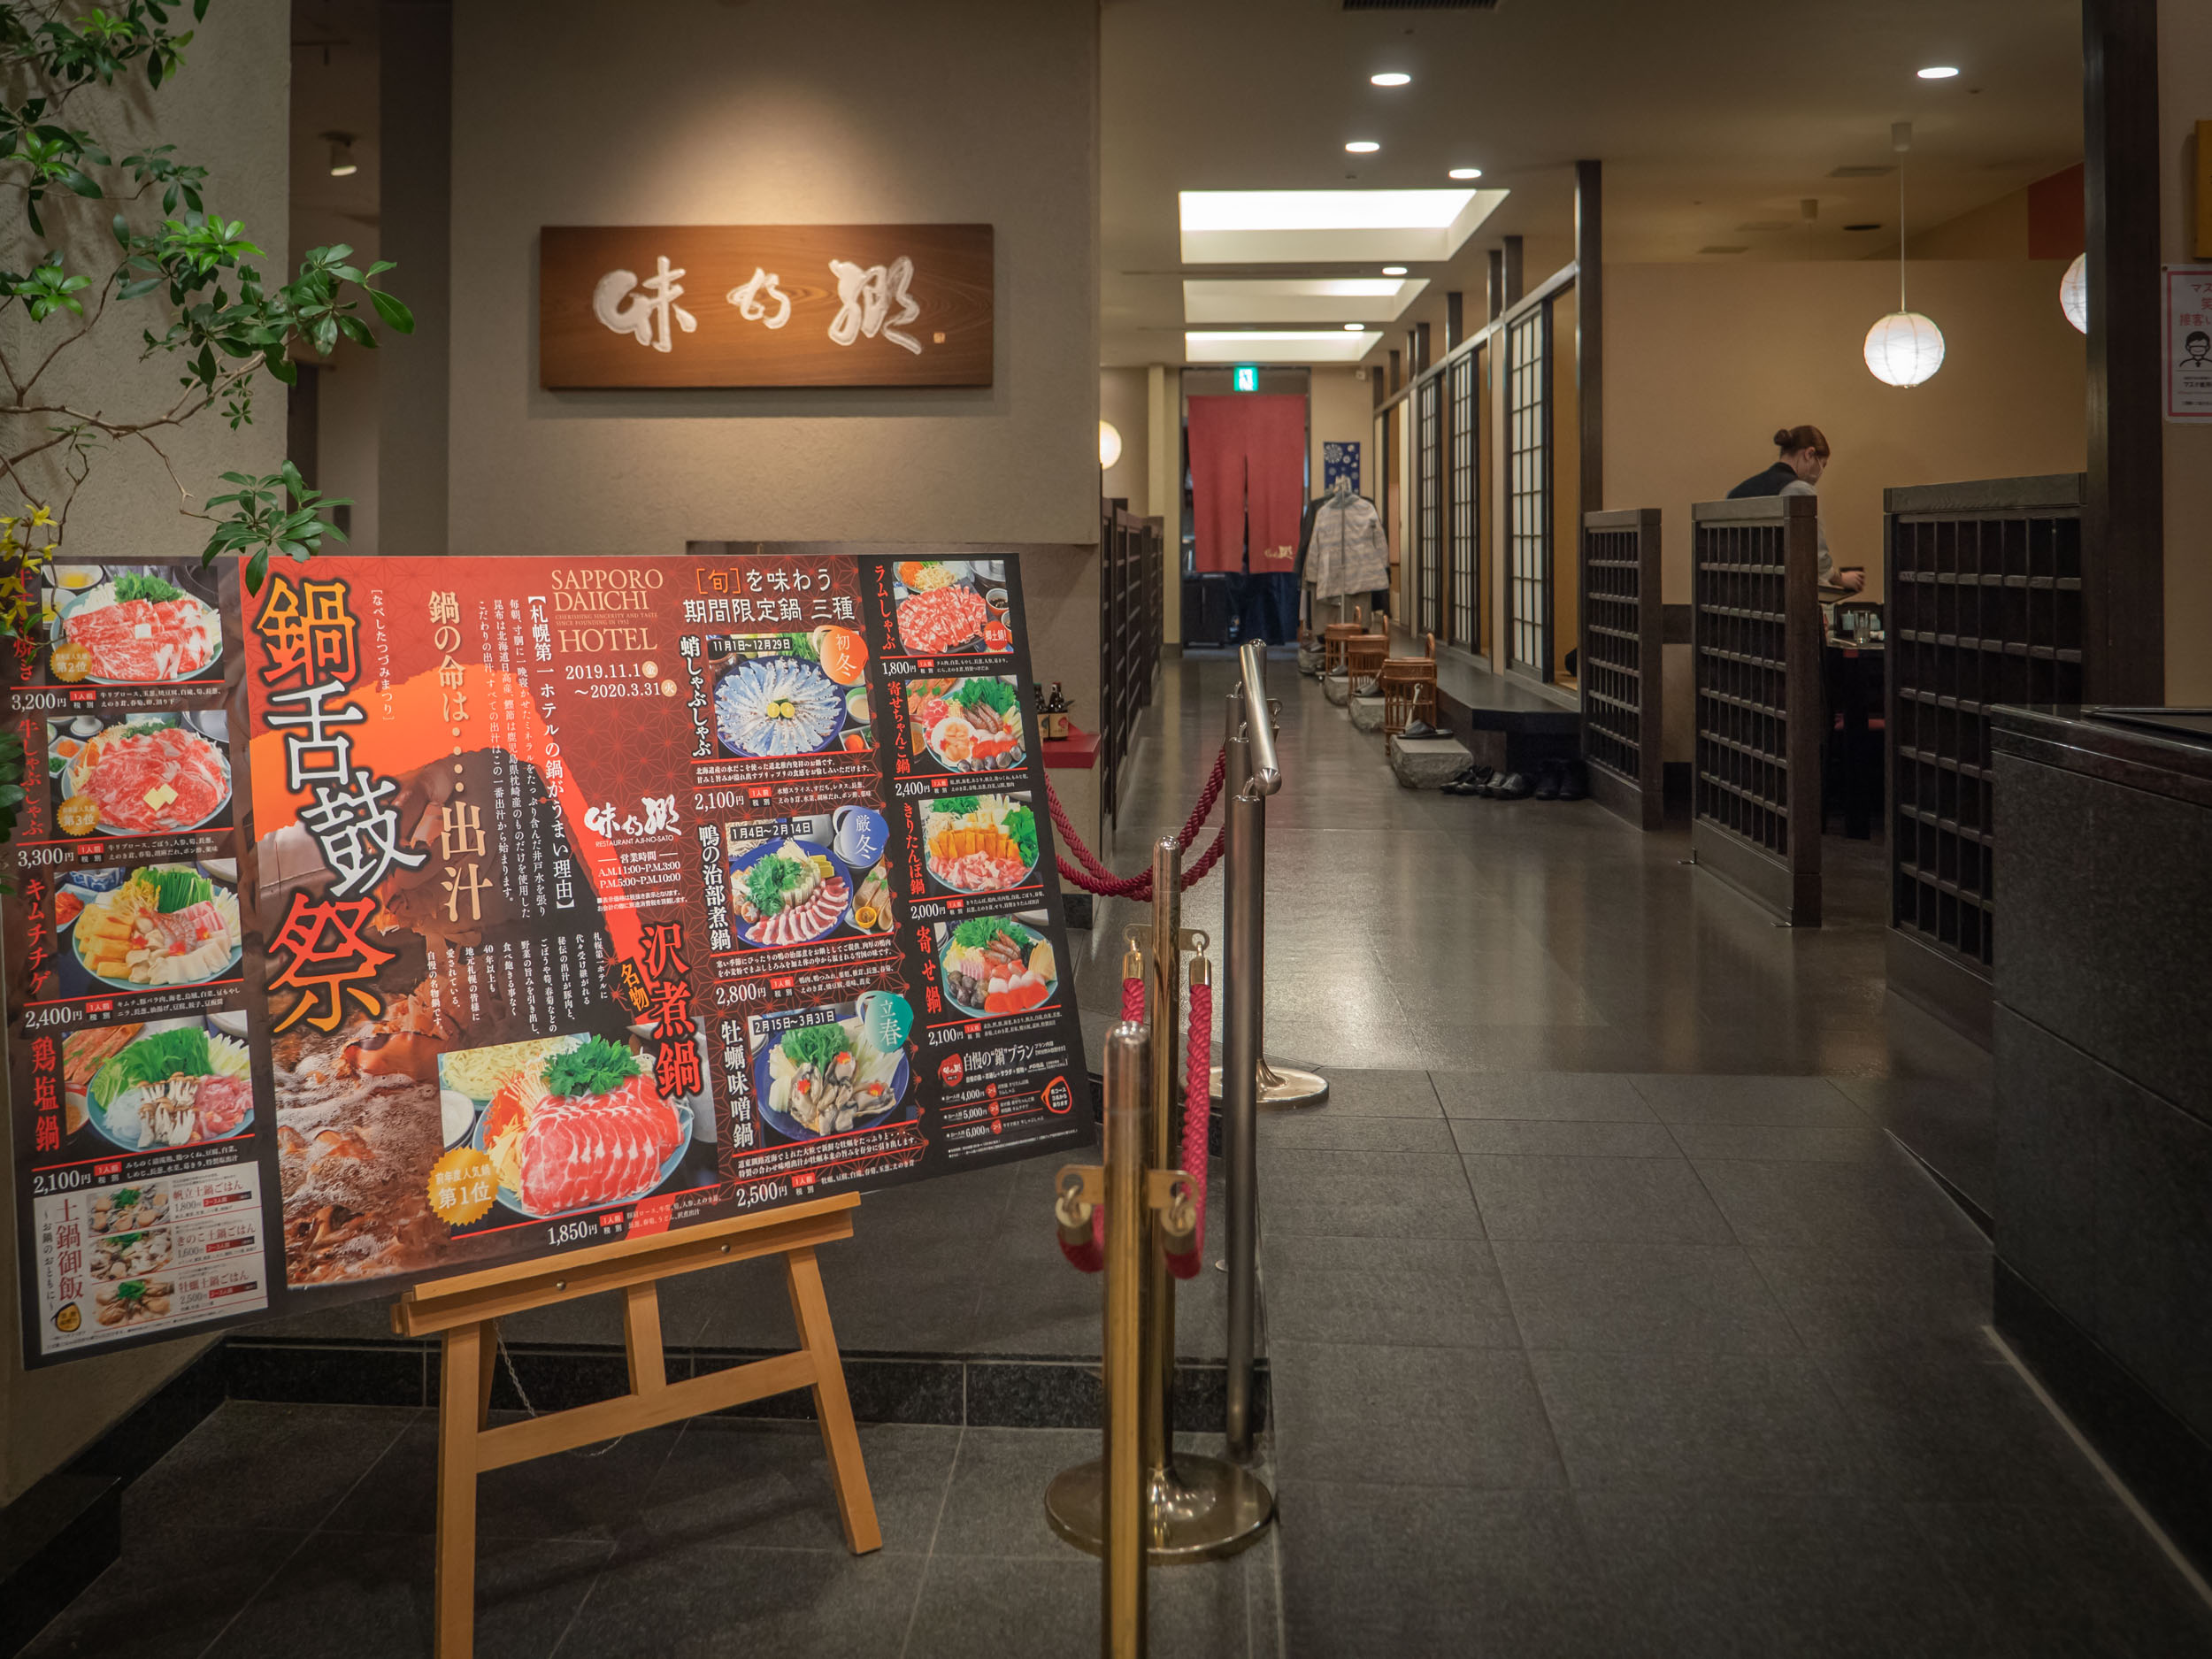 札幌第一ホテル「鍋舌鼓祭の看板」 DMC-GX8 + LEICA DG 12-60mm